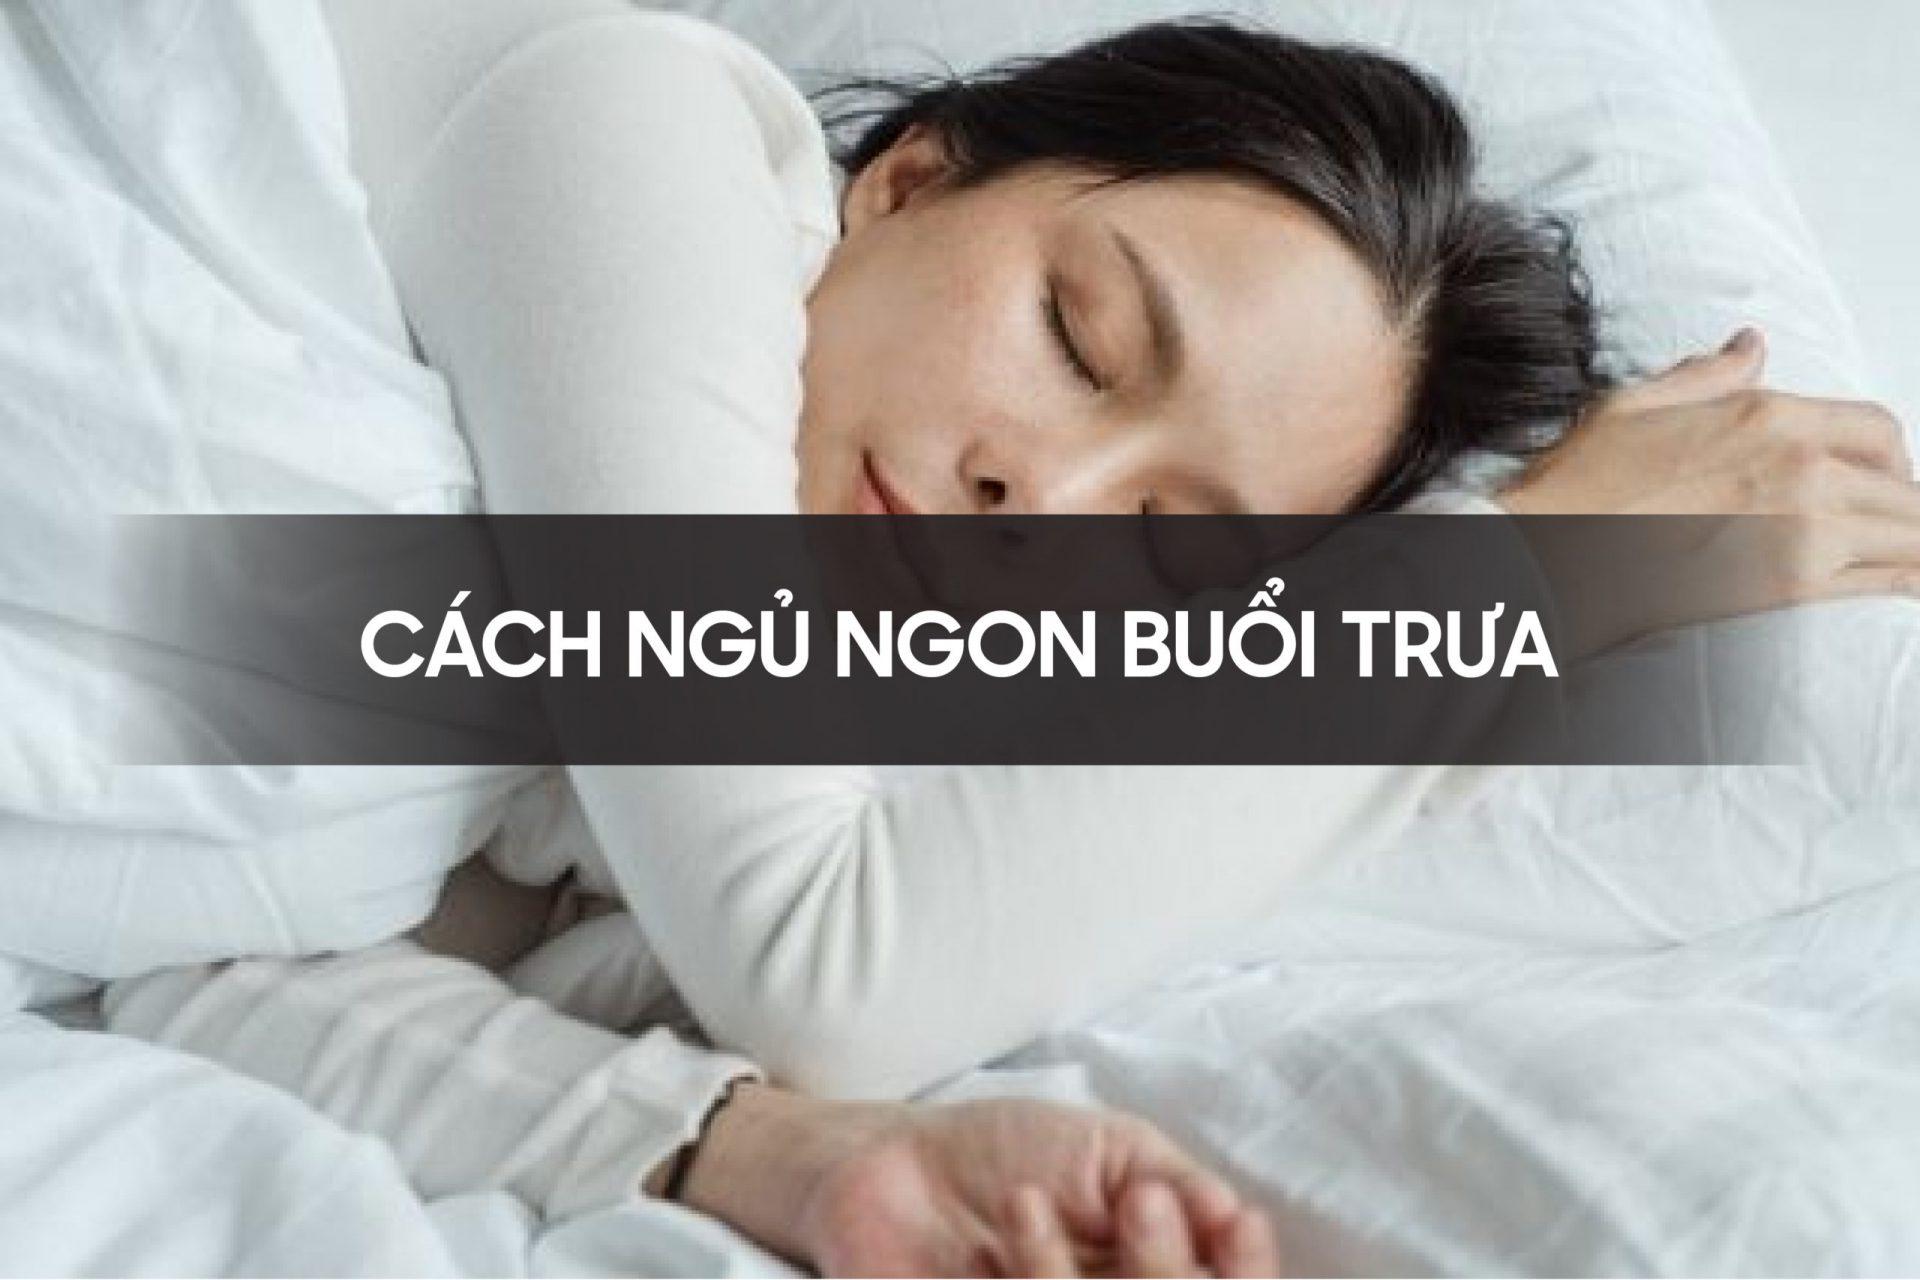 Cách ngủ ngon buổi trưa